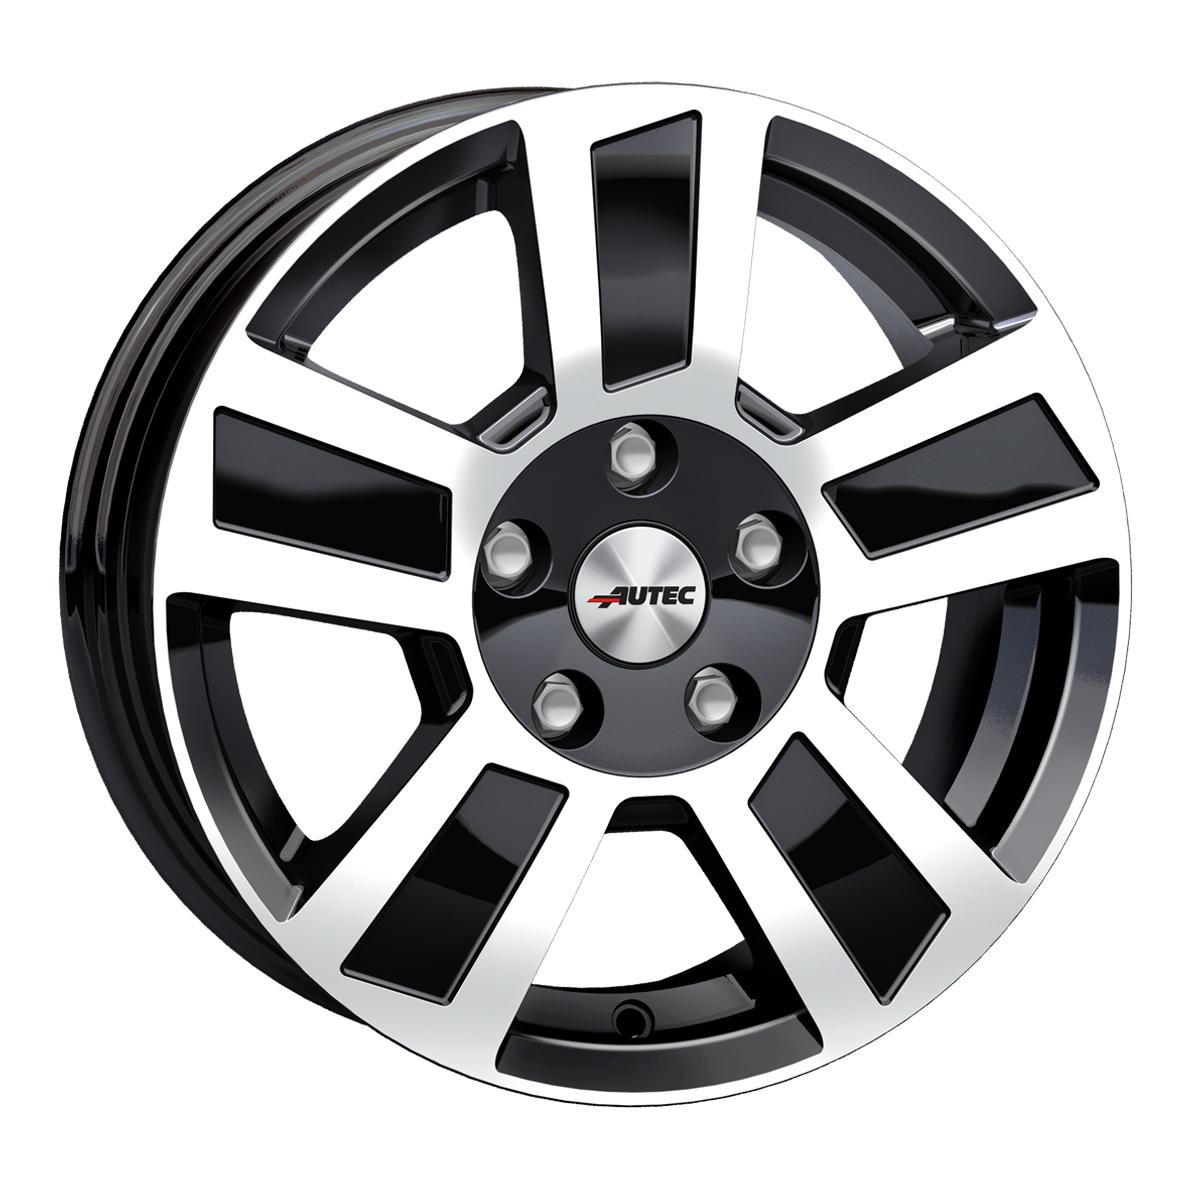 AUTEC Tigris hliníkové disky 6x14 4x100 ET30 Black Polished